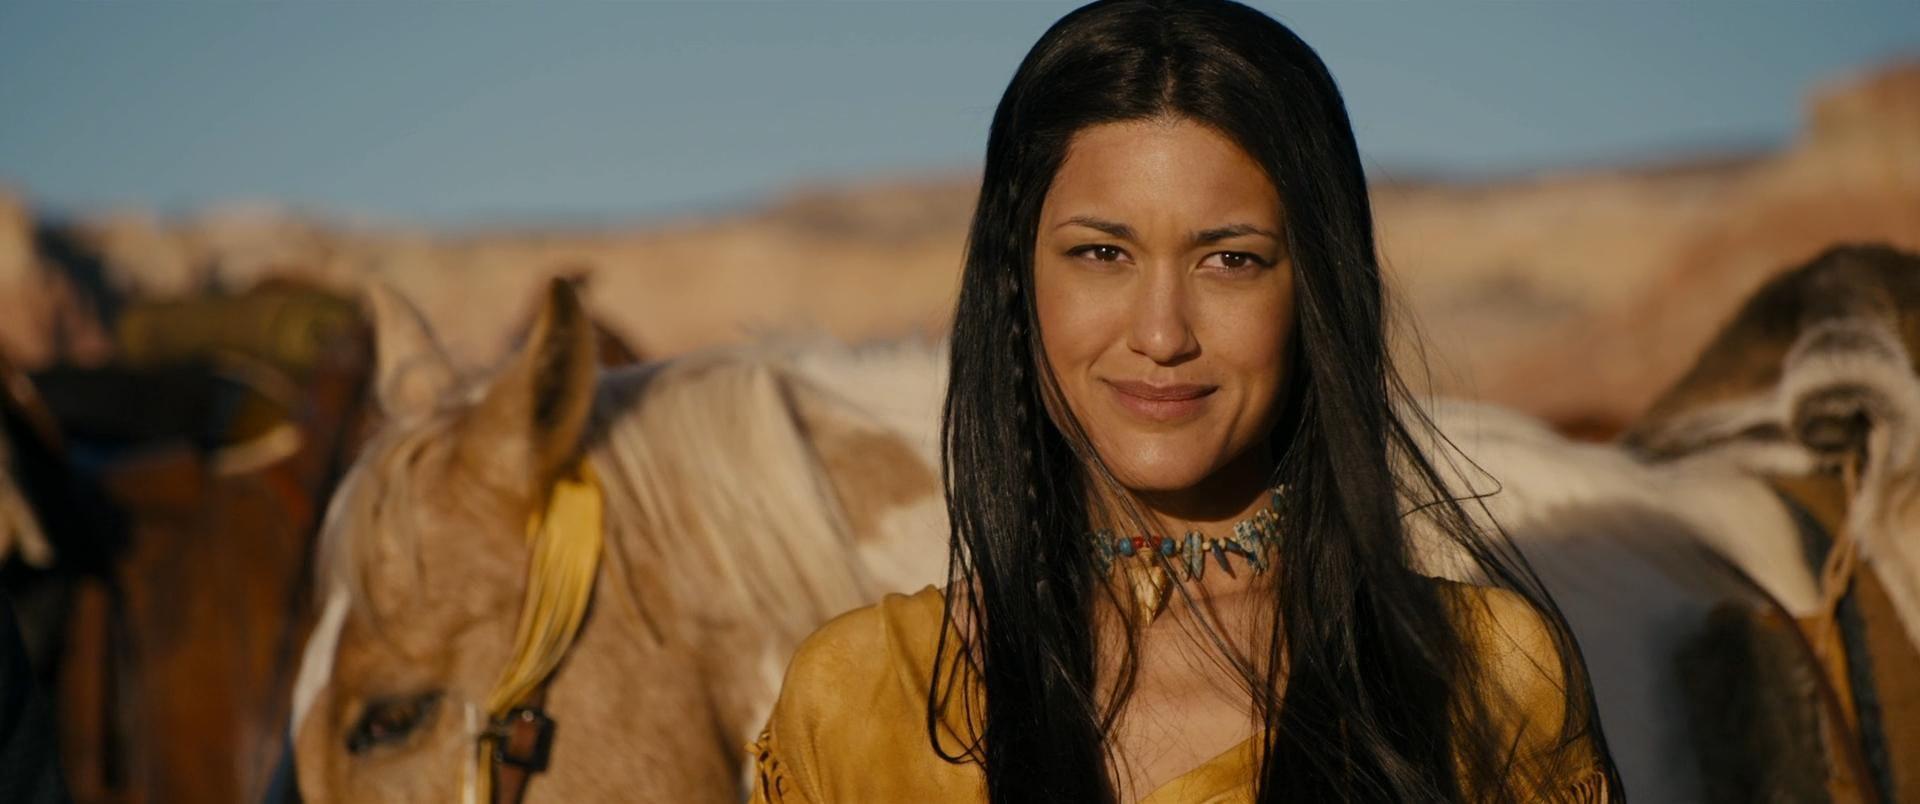 Pocahontas Jones